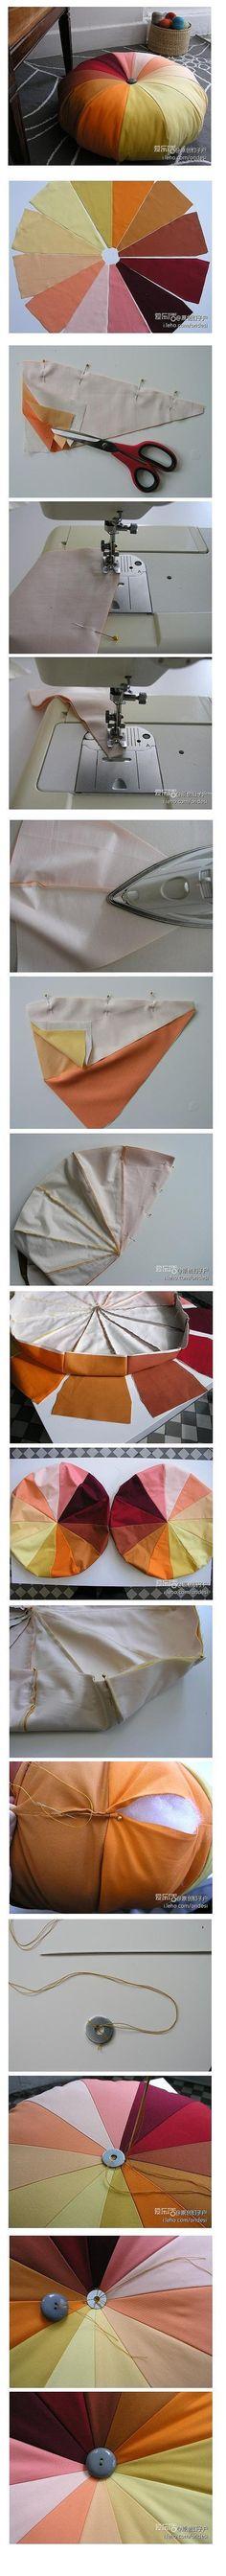 手工DIY 旧物改造 家居生活 废物利用 做一个七彩南瓜坐垫,需要的不是有多大的…